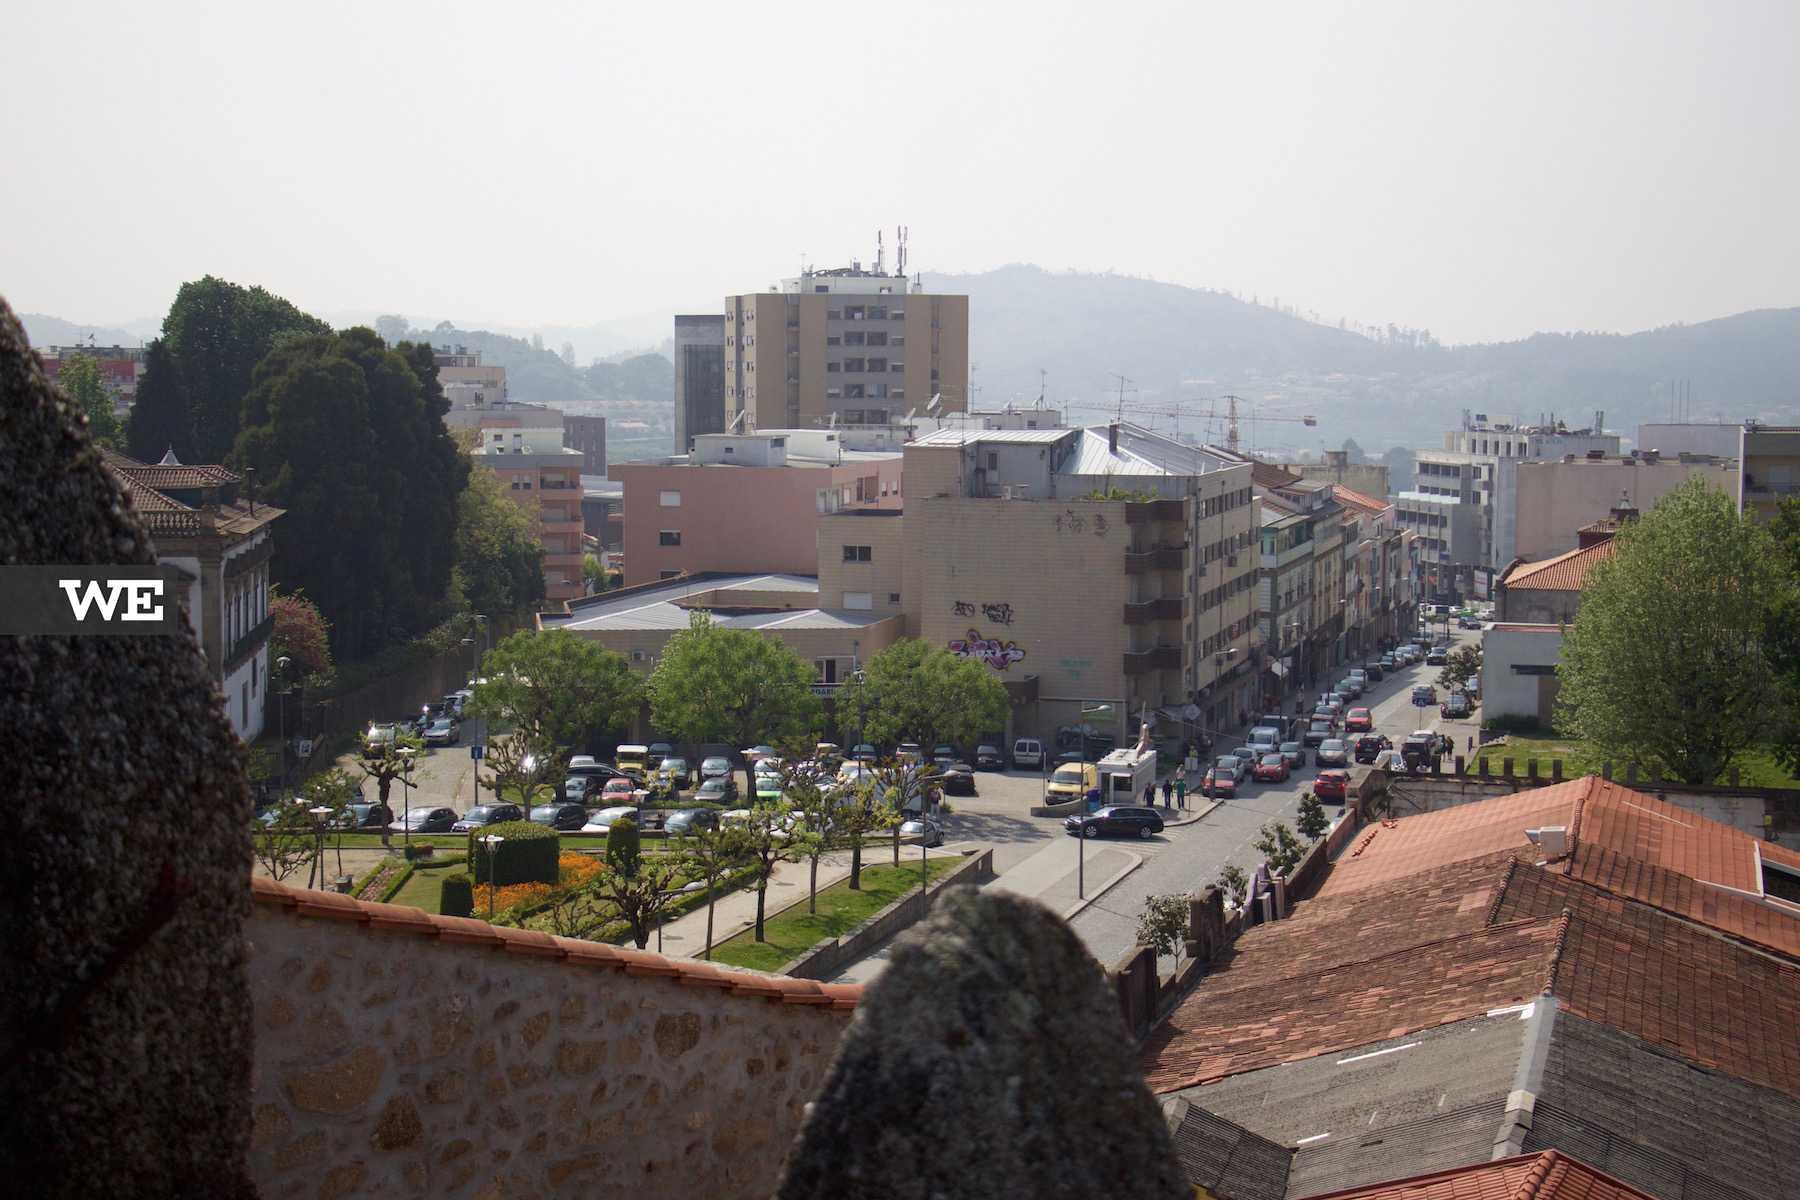 Vista Museus da Imagem - Campo das Hortas - Braga